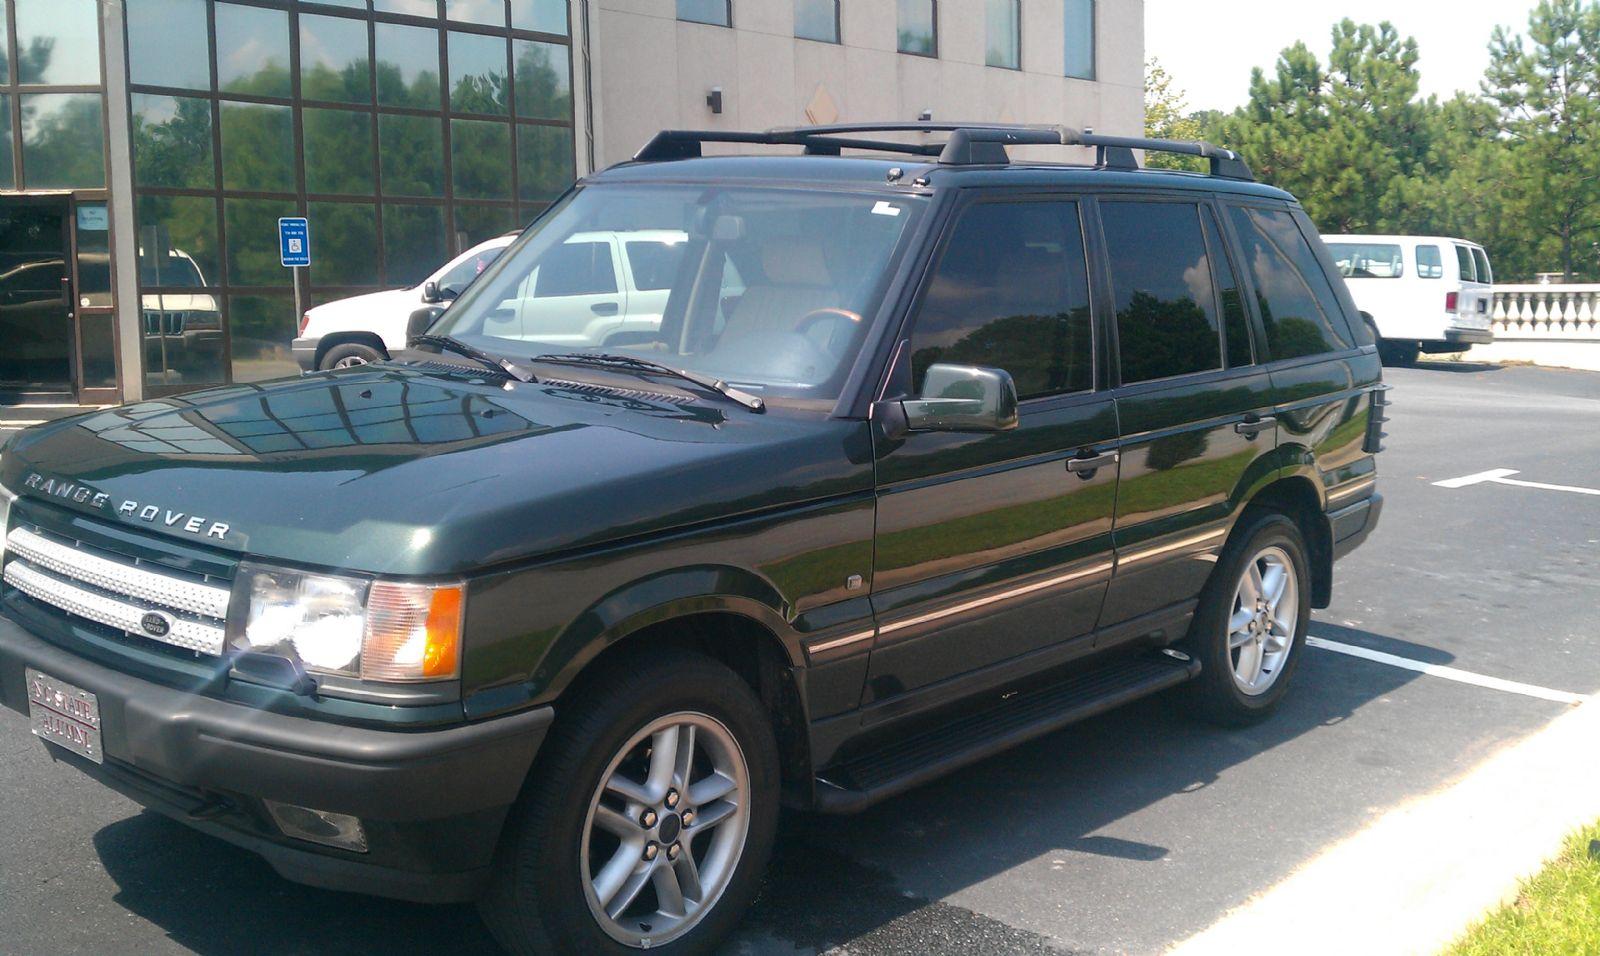 http://img.modifiedcartrader.com/uploaded/XL/2012/03/LandRover-Range-Rover--for-sale-custom-26476-34590.jpg